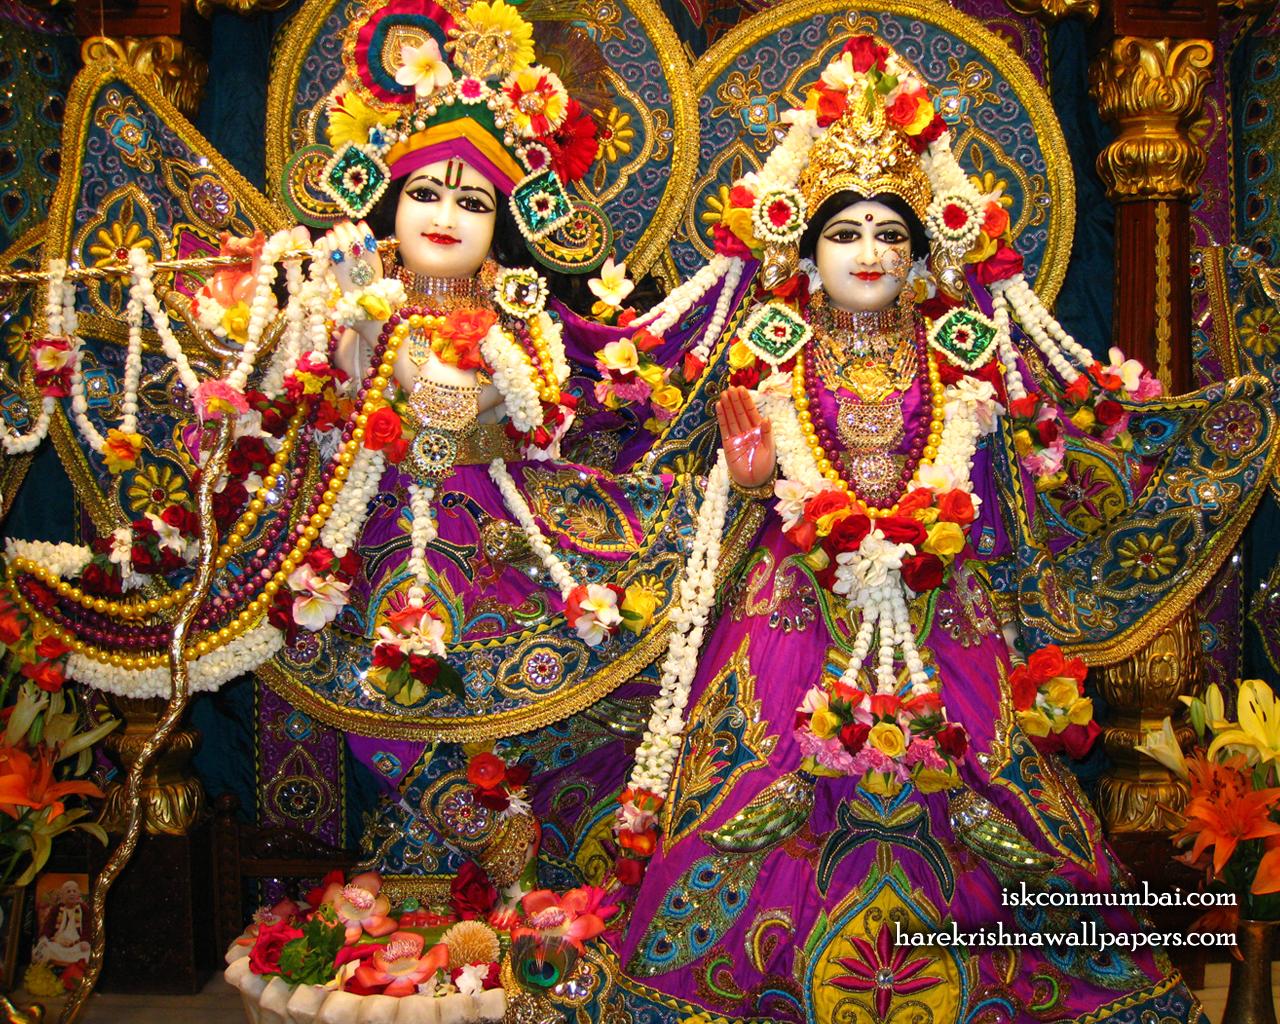 Sri Sri Radha Rasabihari Wallpaper (005) Size 1280x1024 Download